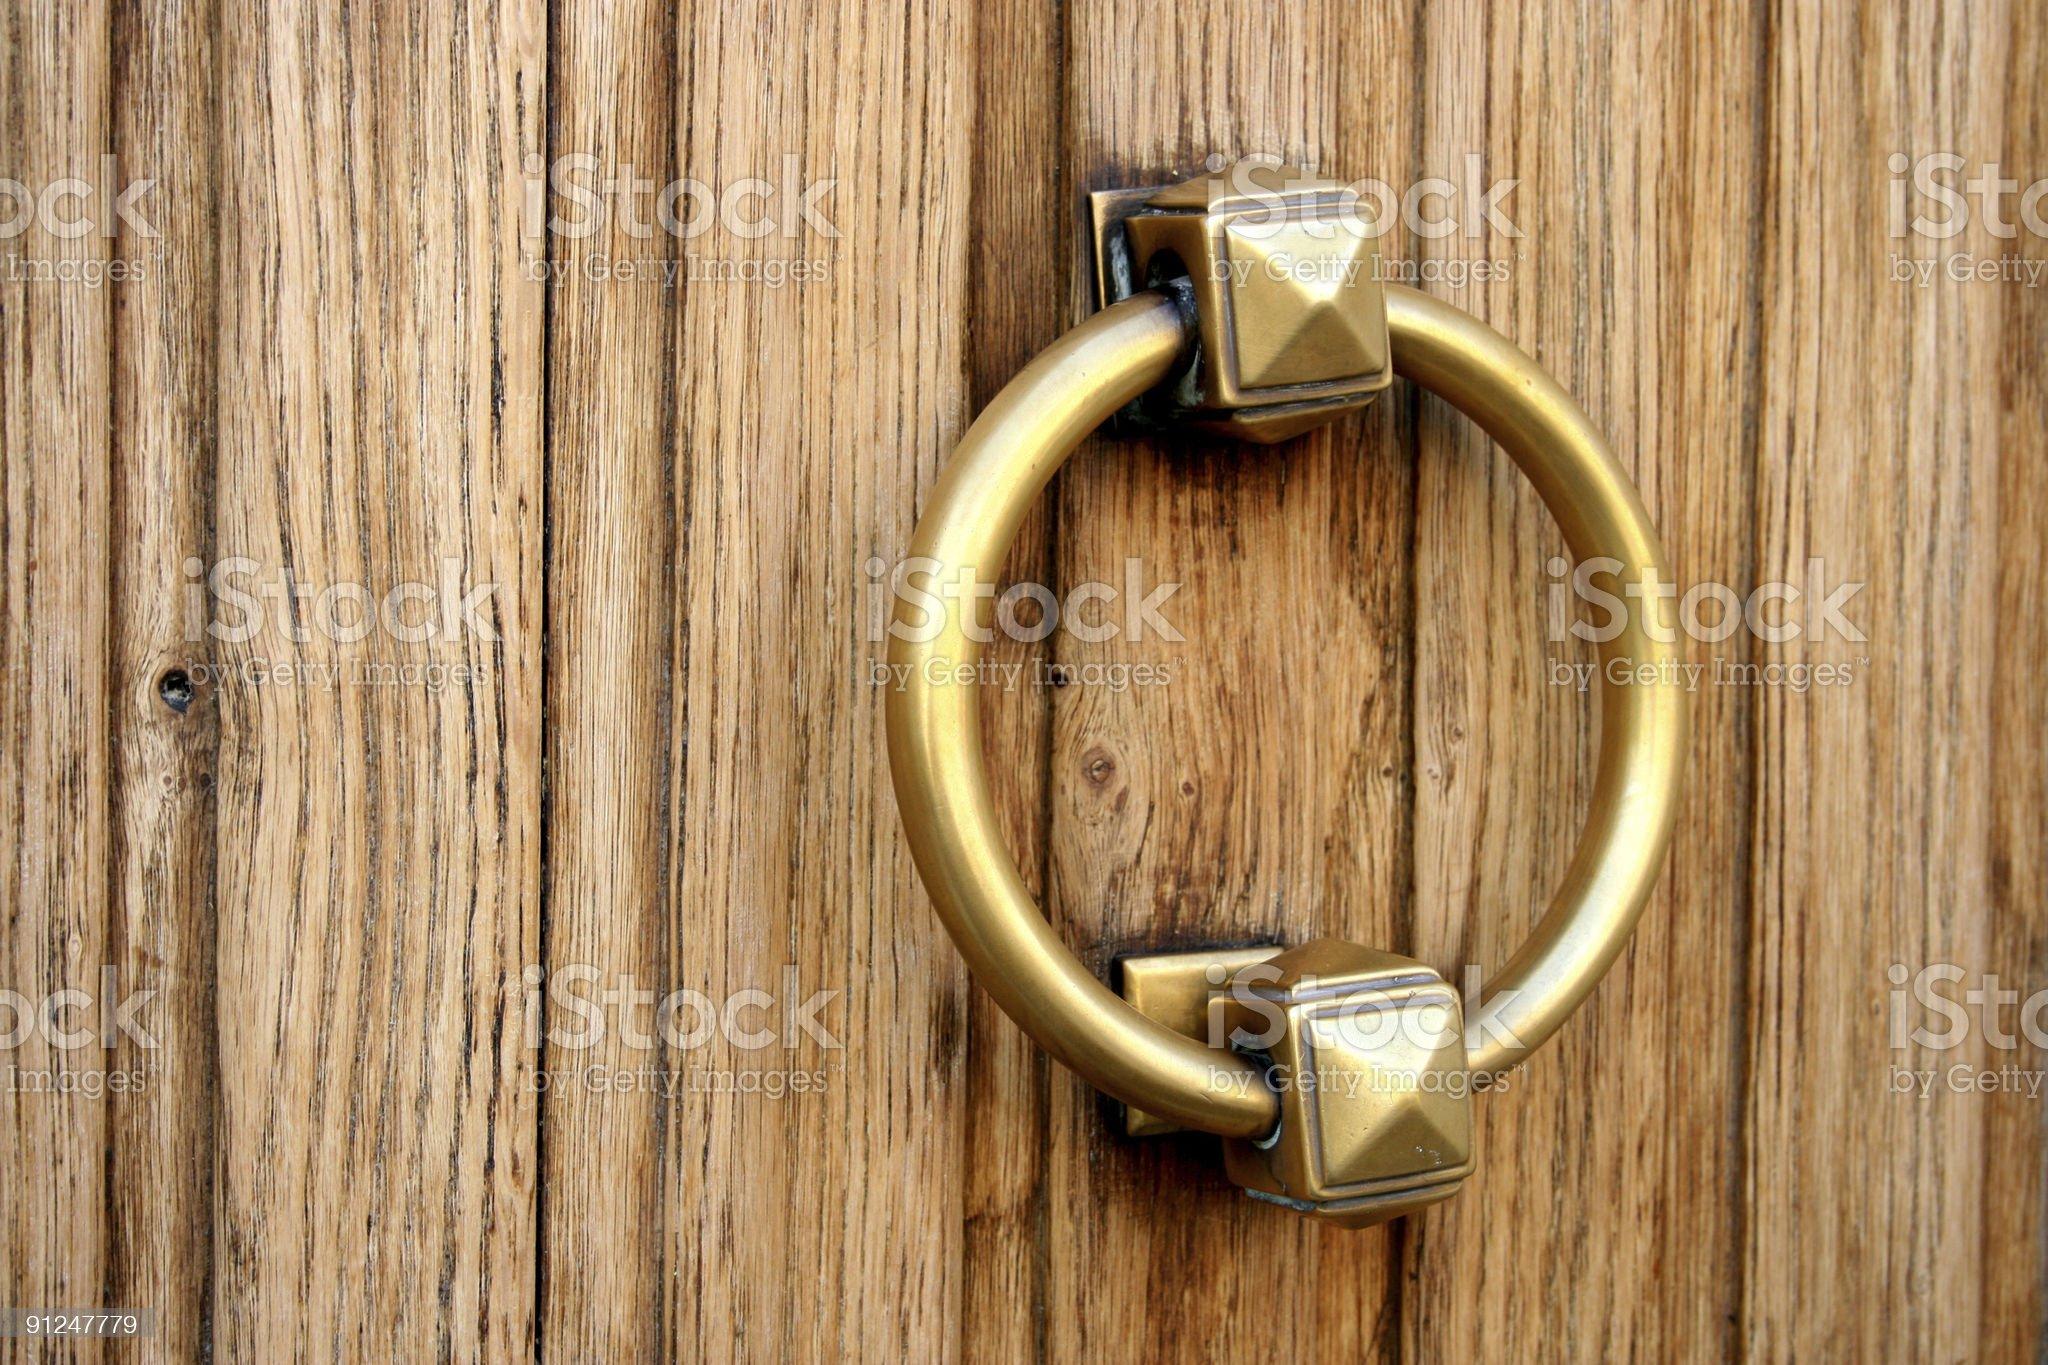 Golden door handle royalty-free stock photo